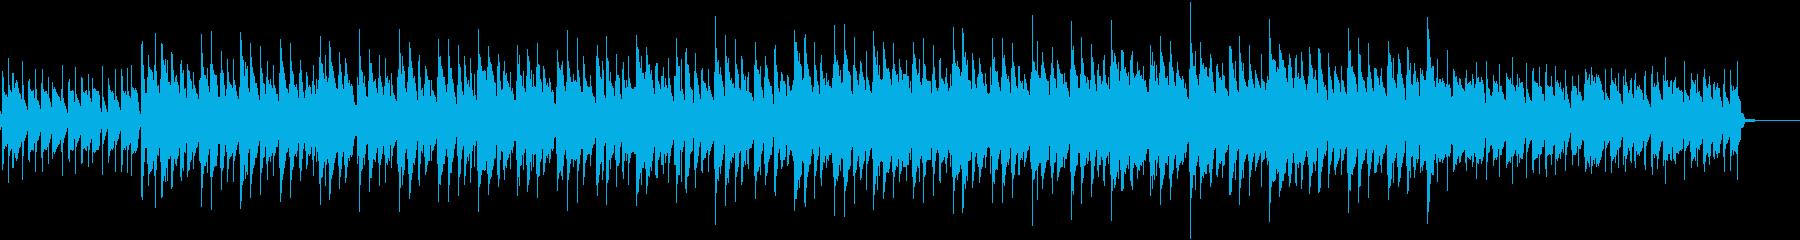 ポストロック。壮大なアルペジオが印象的の再生済みの波形